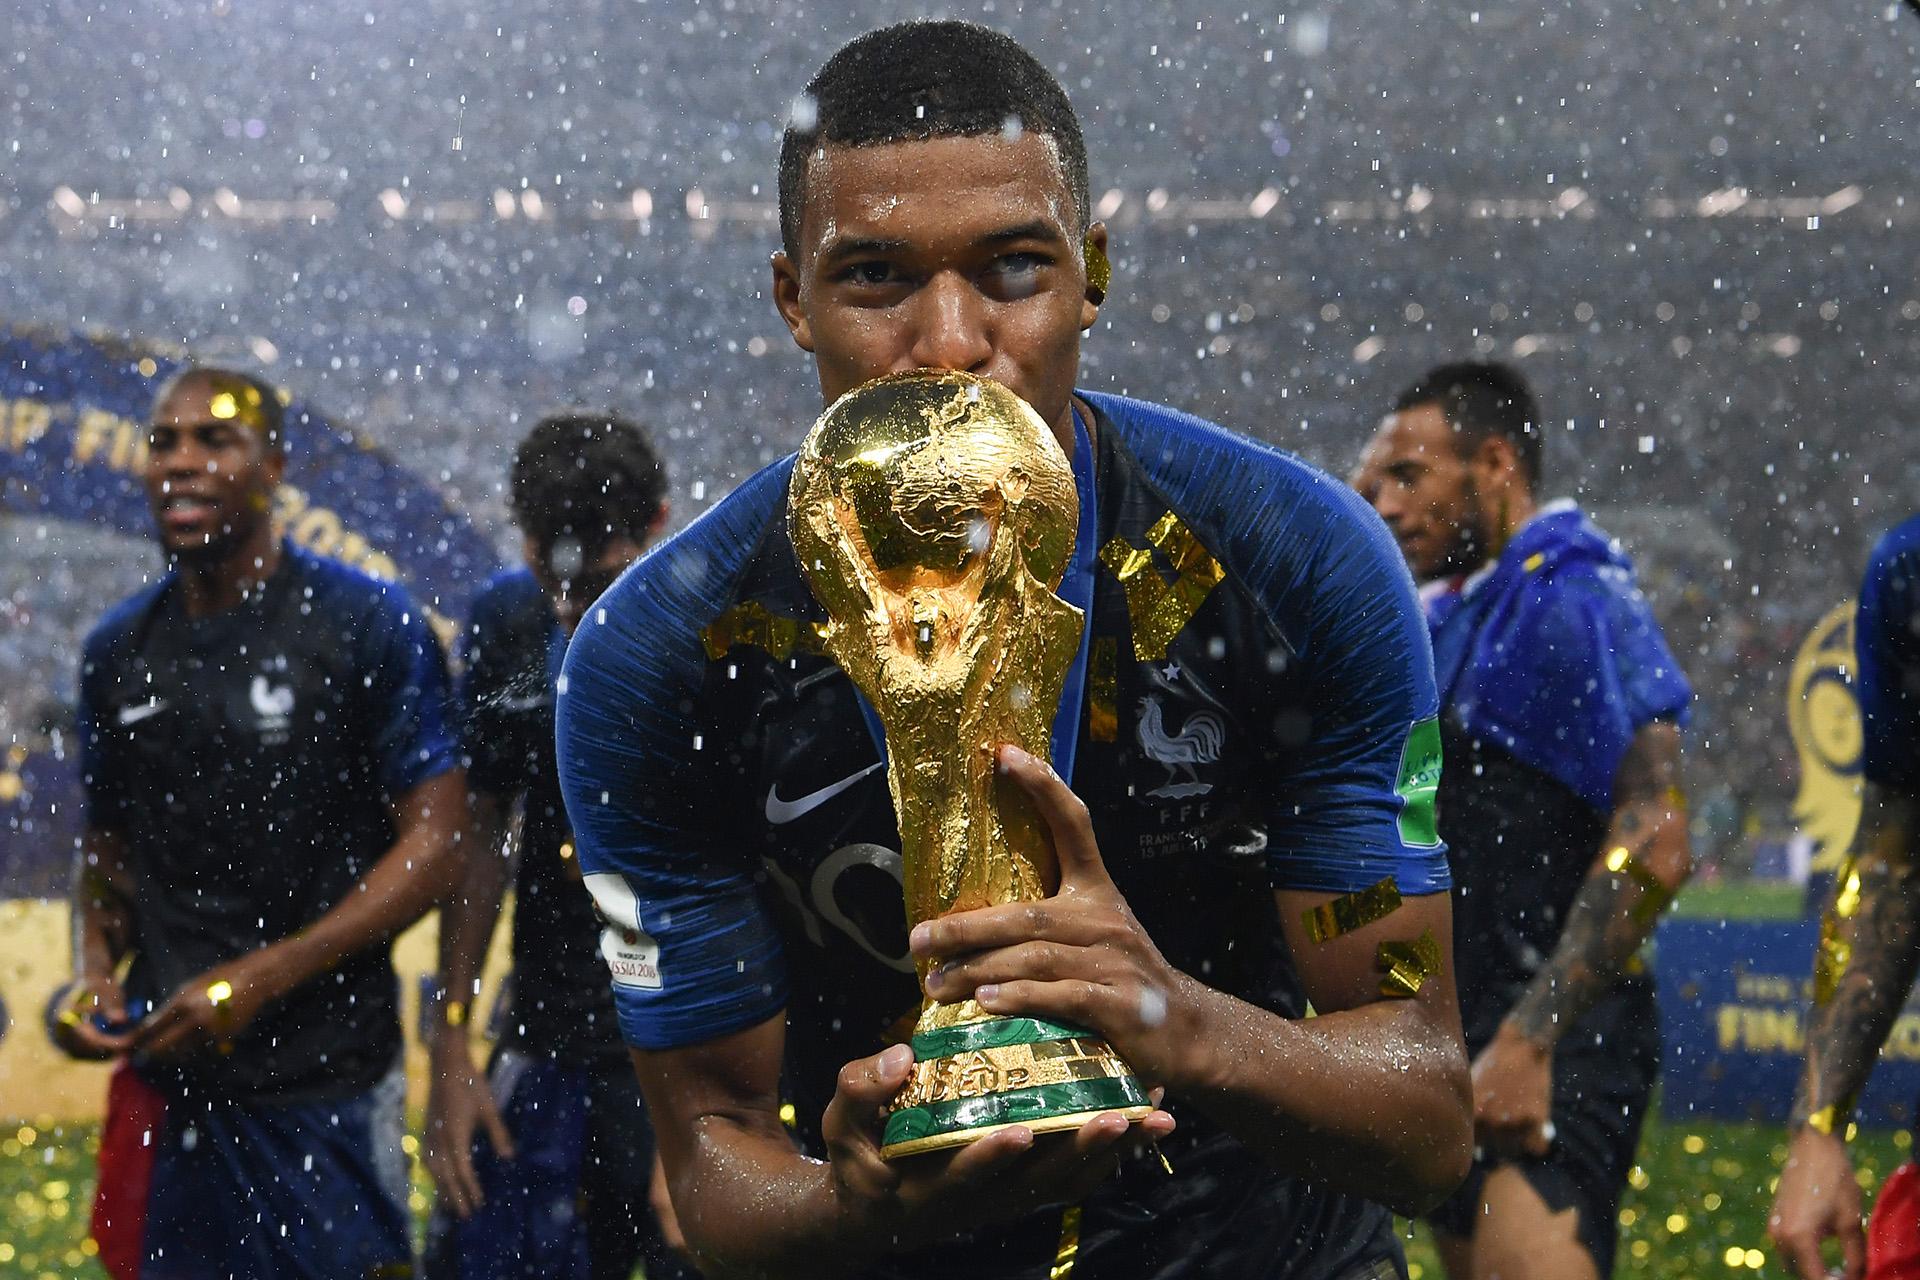 Kylian Mbappe, figura de la selección de Francia, besa la Copa del Mundo tras el triunfo sobre Croacia en la final, el 15 de julio (FRANCK FIFE / AFP)